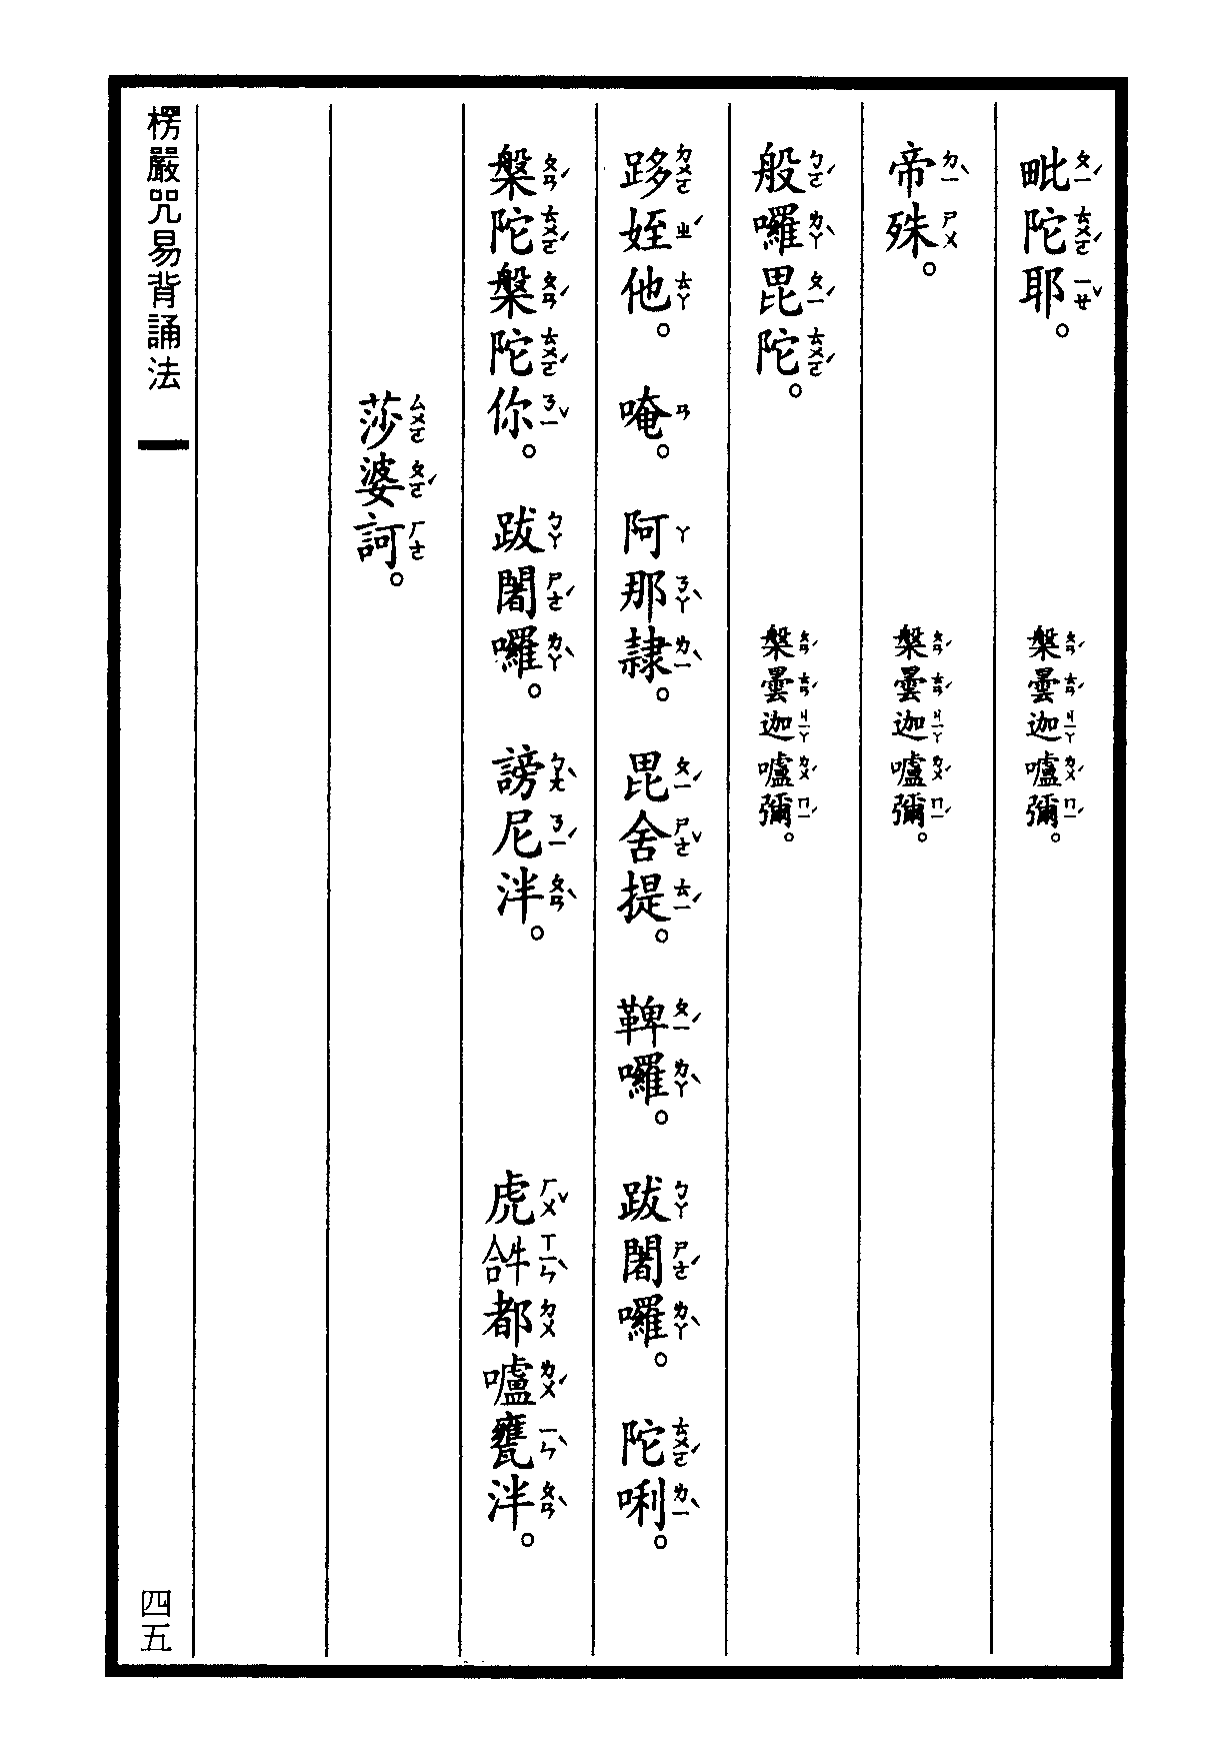 楞嚴咒-大悲咒-十小咒-易背本 51.png